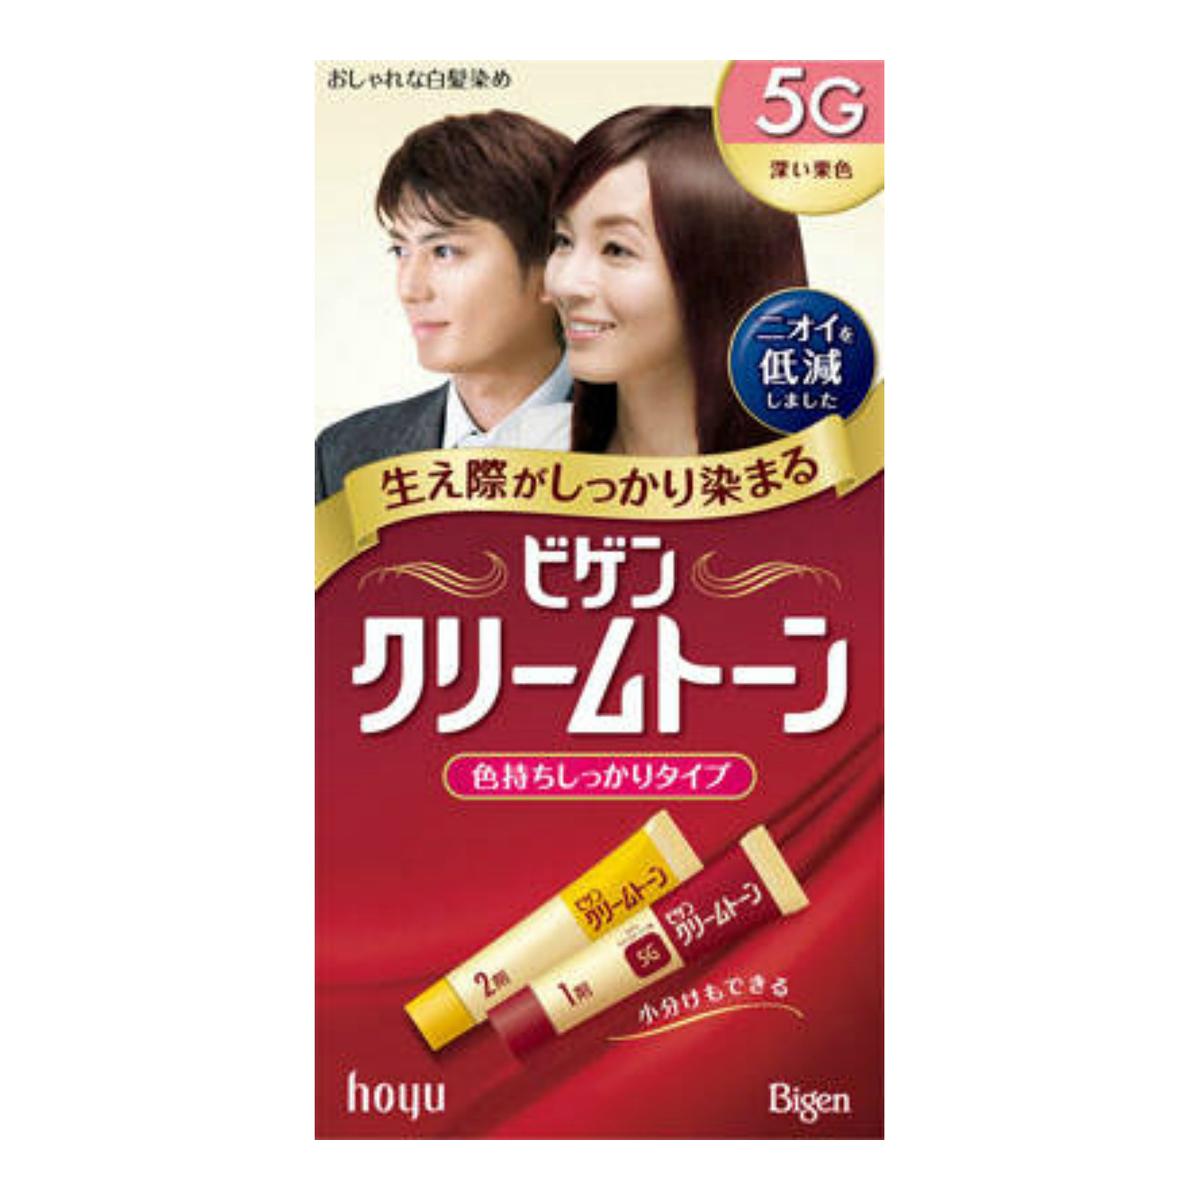 【送料無料】ホーユー ビゲン クリームトーン 5G×54点セット まとめ買い特価!ケース販売 ( 4987205080500 )